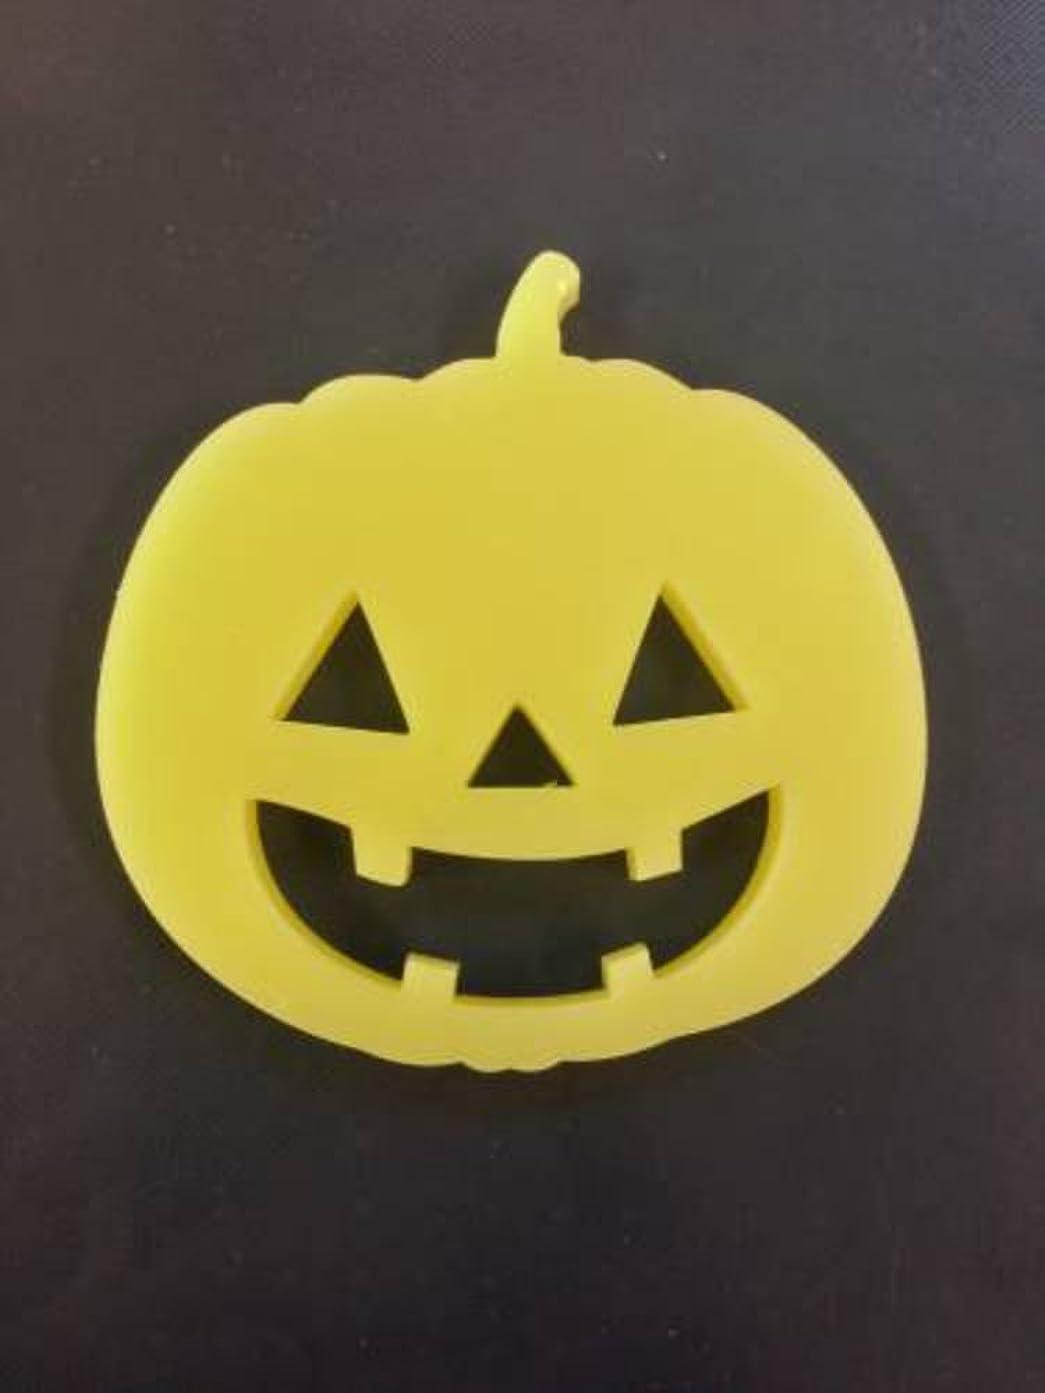 コンパス害ミケランジェロGRASSE TOKYO AROMATICWAXチャーム「ハロウィンかぼちゃ」(YE) ベルガモット アロマティックワックス グラーストウキョウ